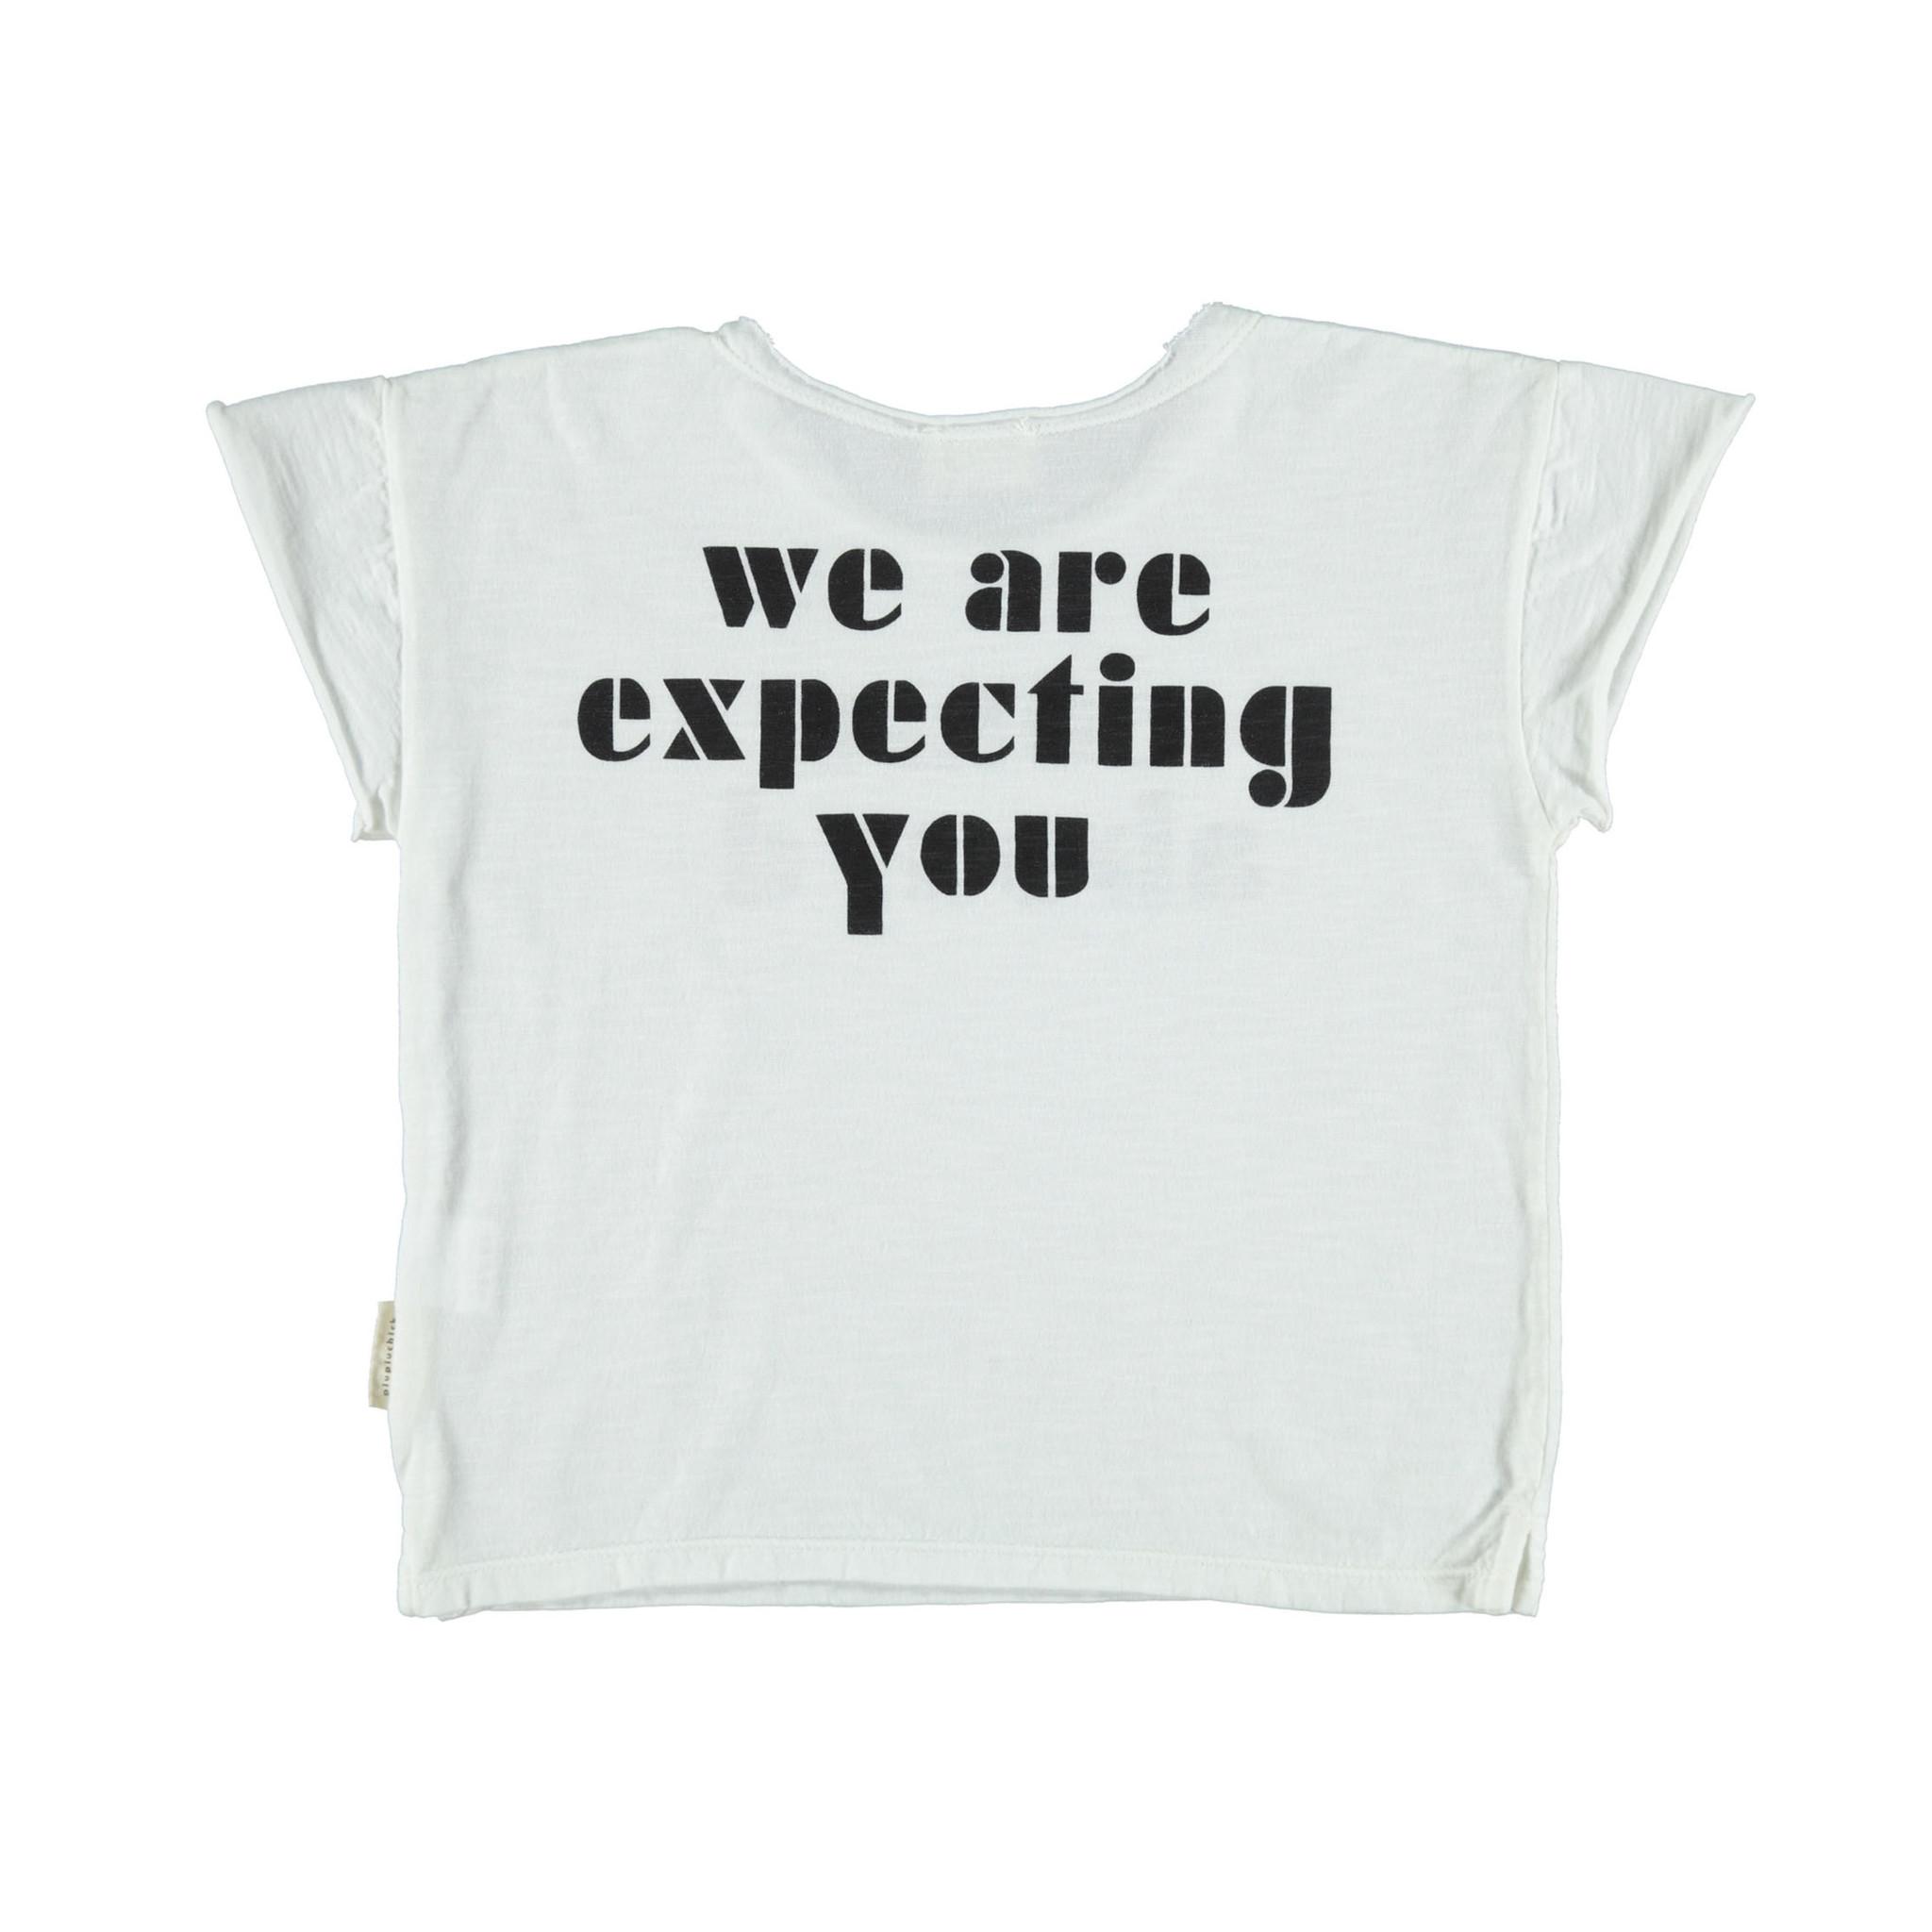 piupiuchick Tshirt ballon off white/black print